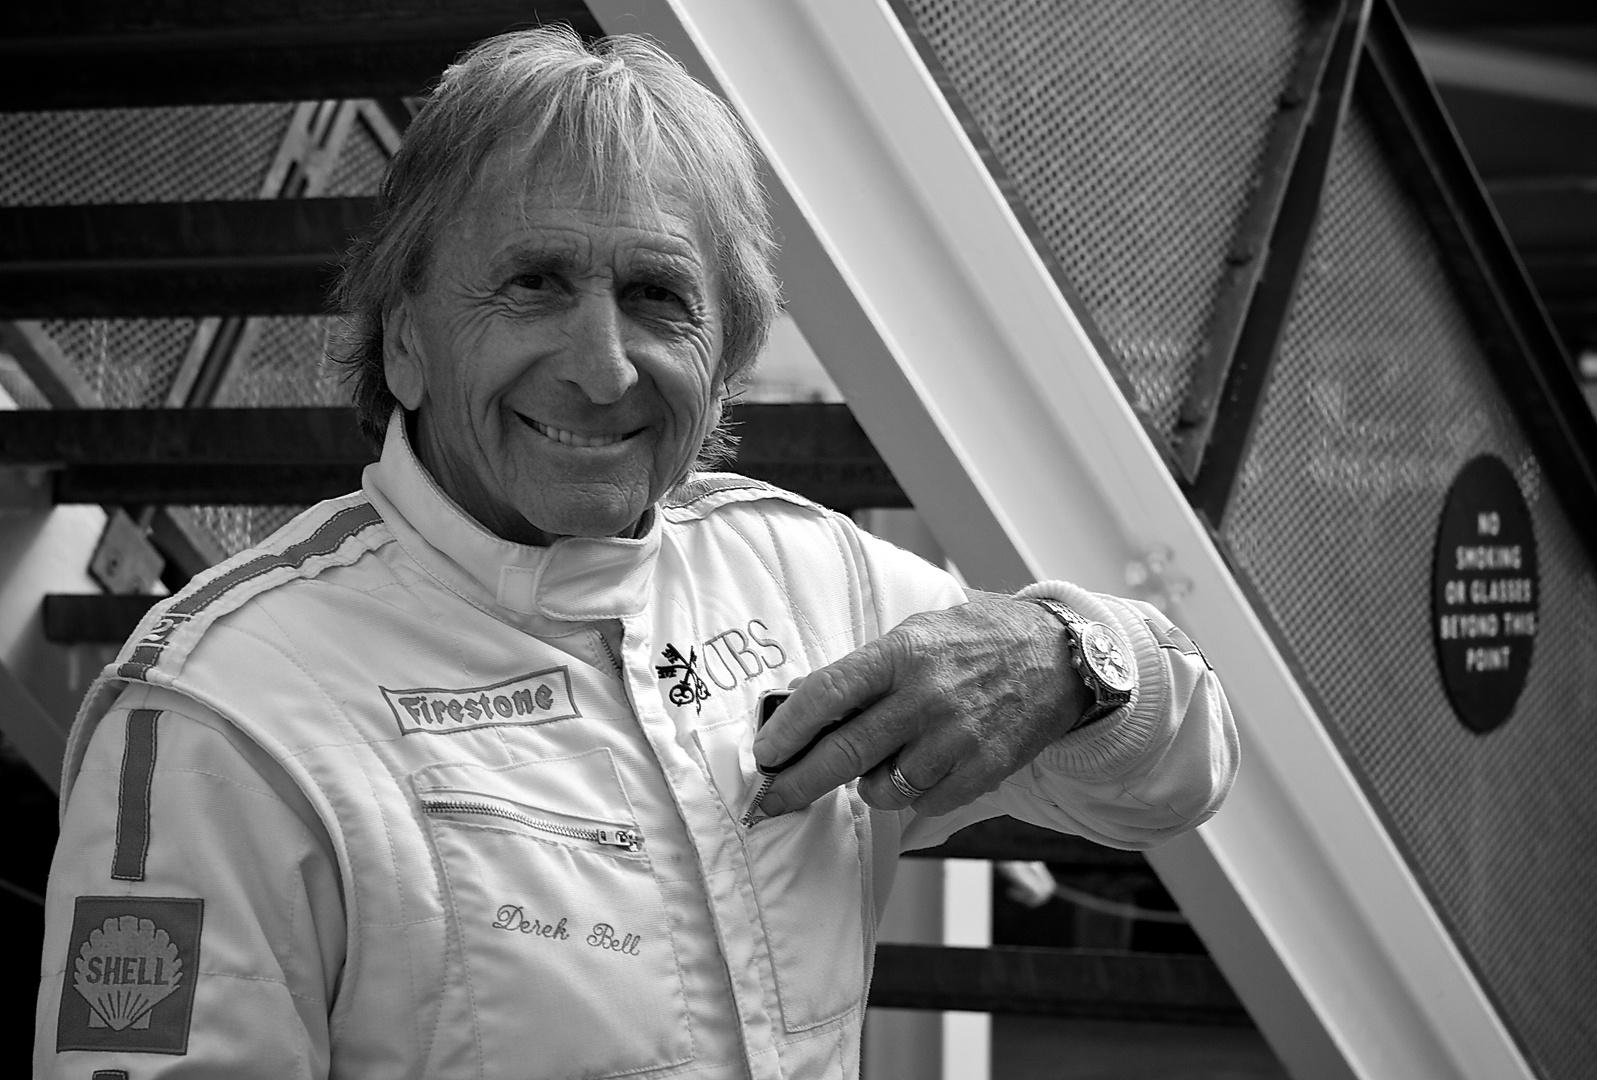 Hero from yesterday.  Derek Bell at Goodwood 2011....